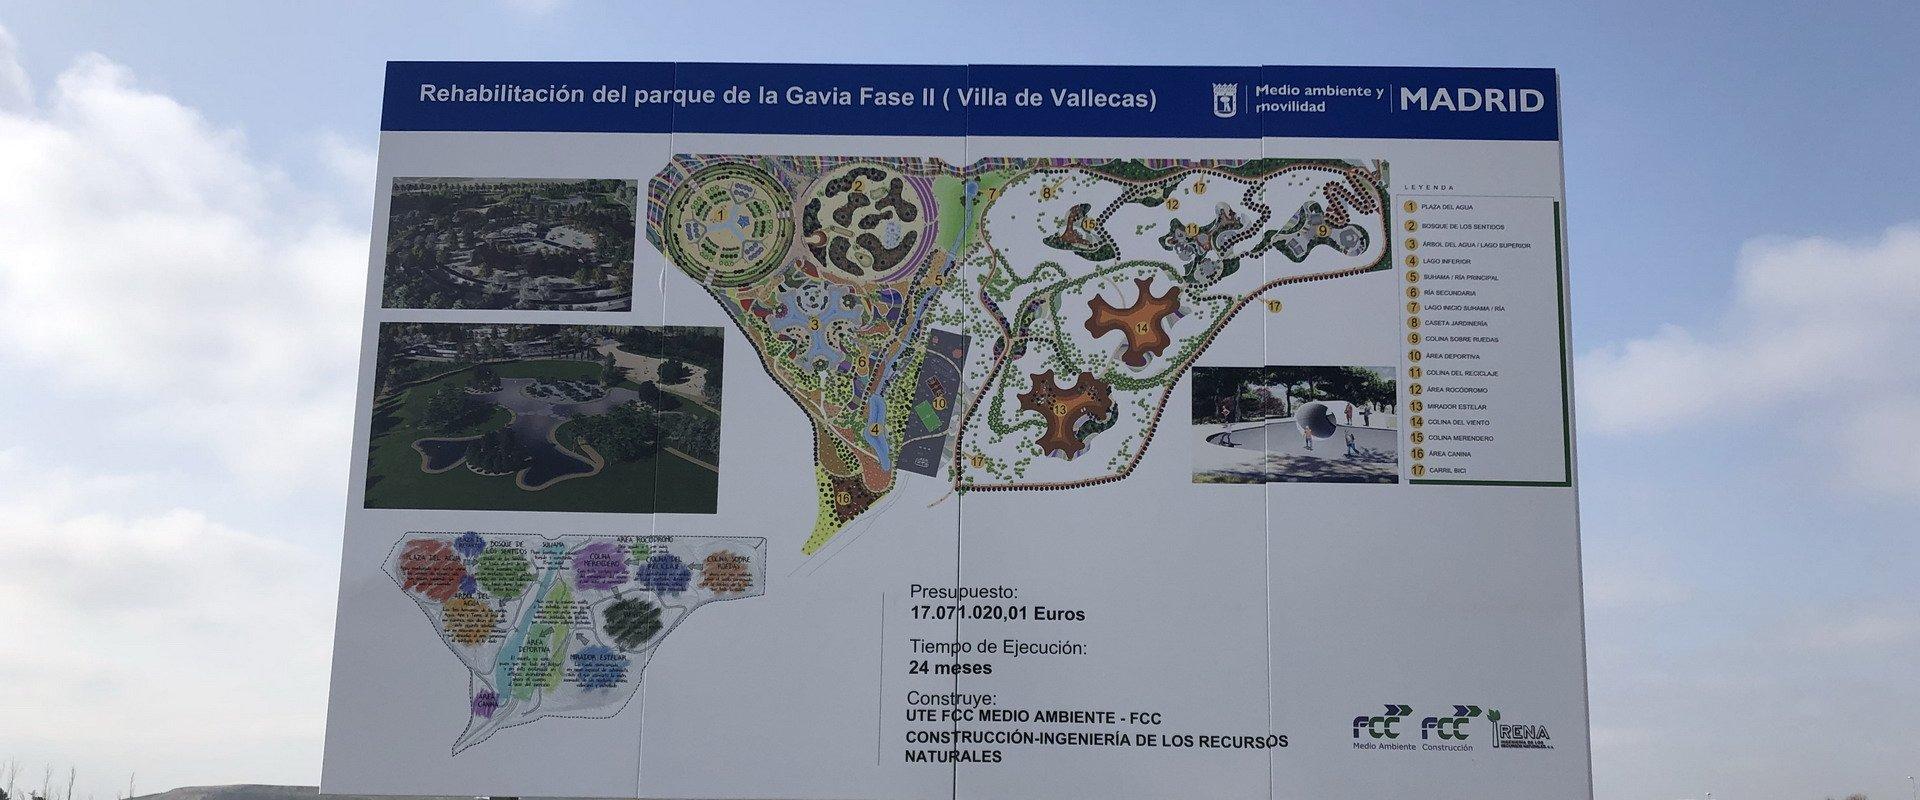 Parque de la Gavia